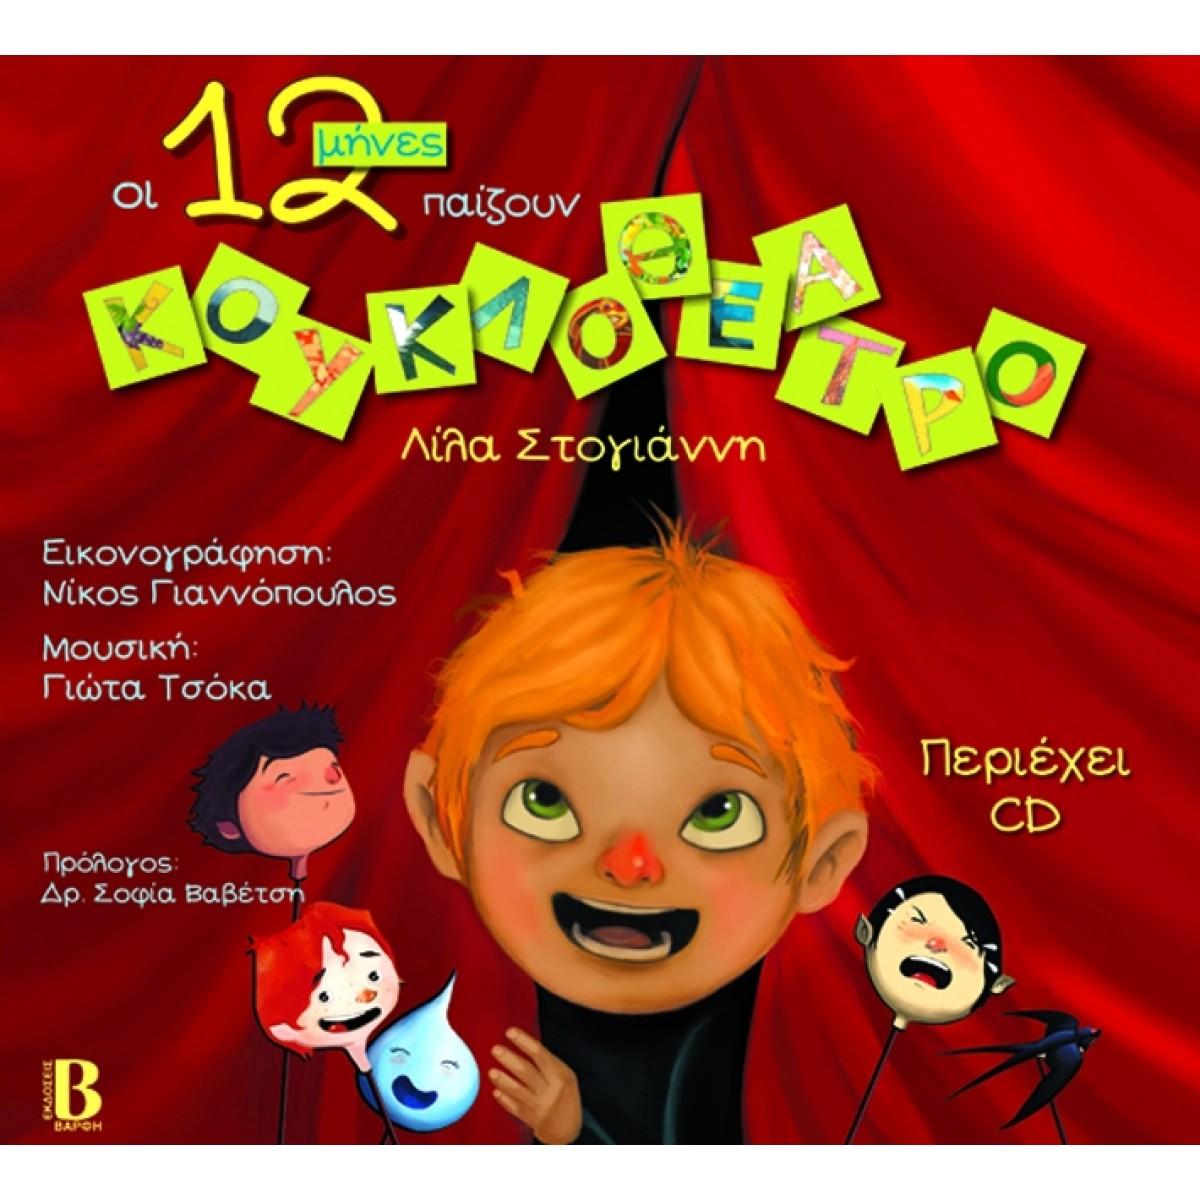 ΟΙ ΔΩΔΕΚΑ ΜΗΝΕΣ ΠΑΙΖΟΥΝ ΚΟΥΚΛΟΘΕΑΤΡΟ + CD Παιδικά Βιβλία